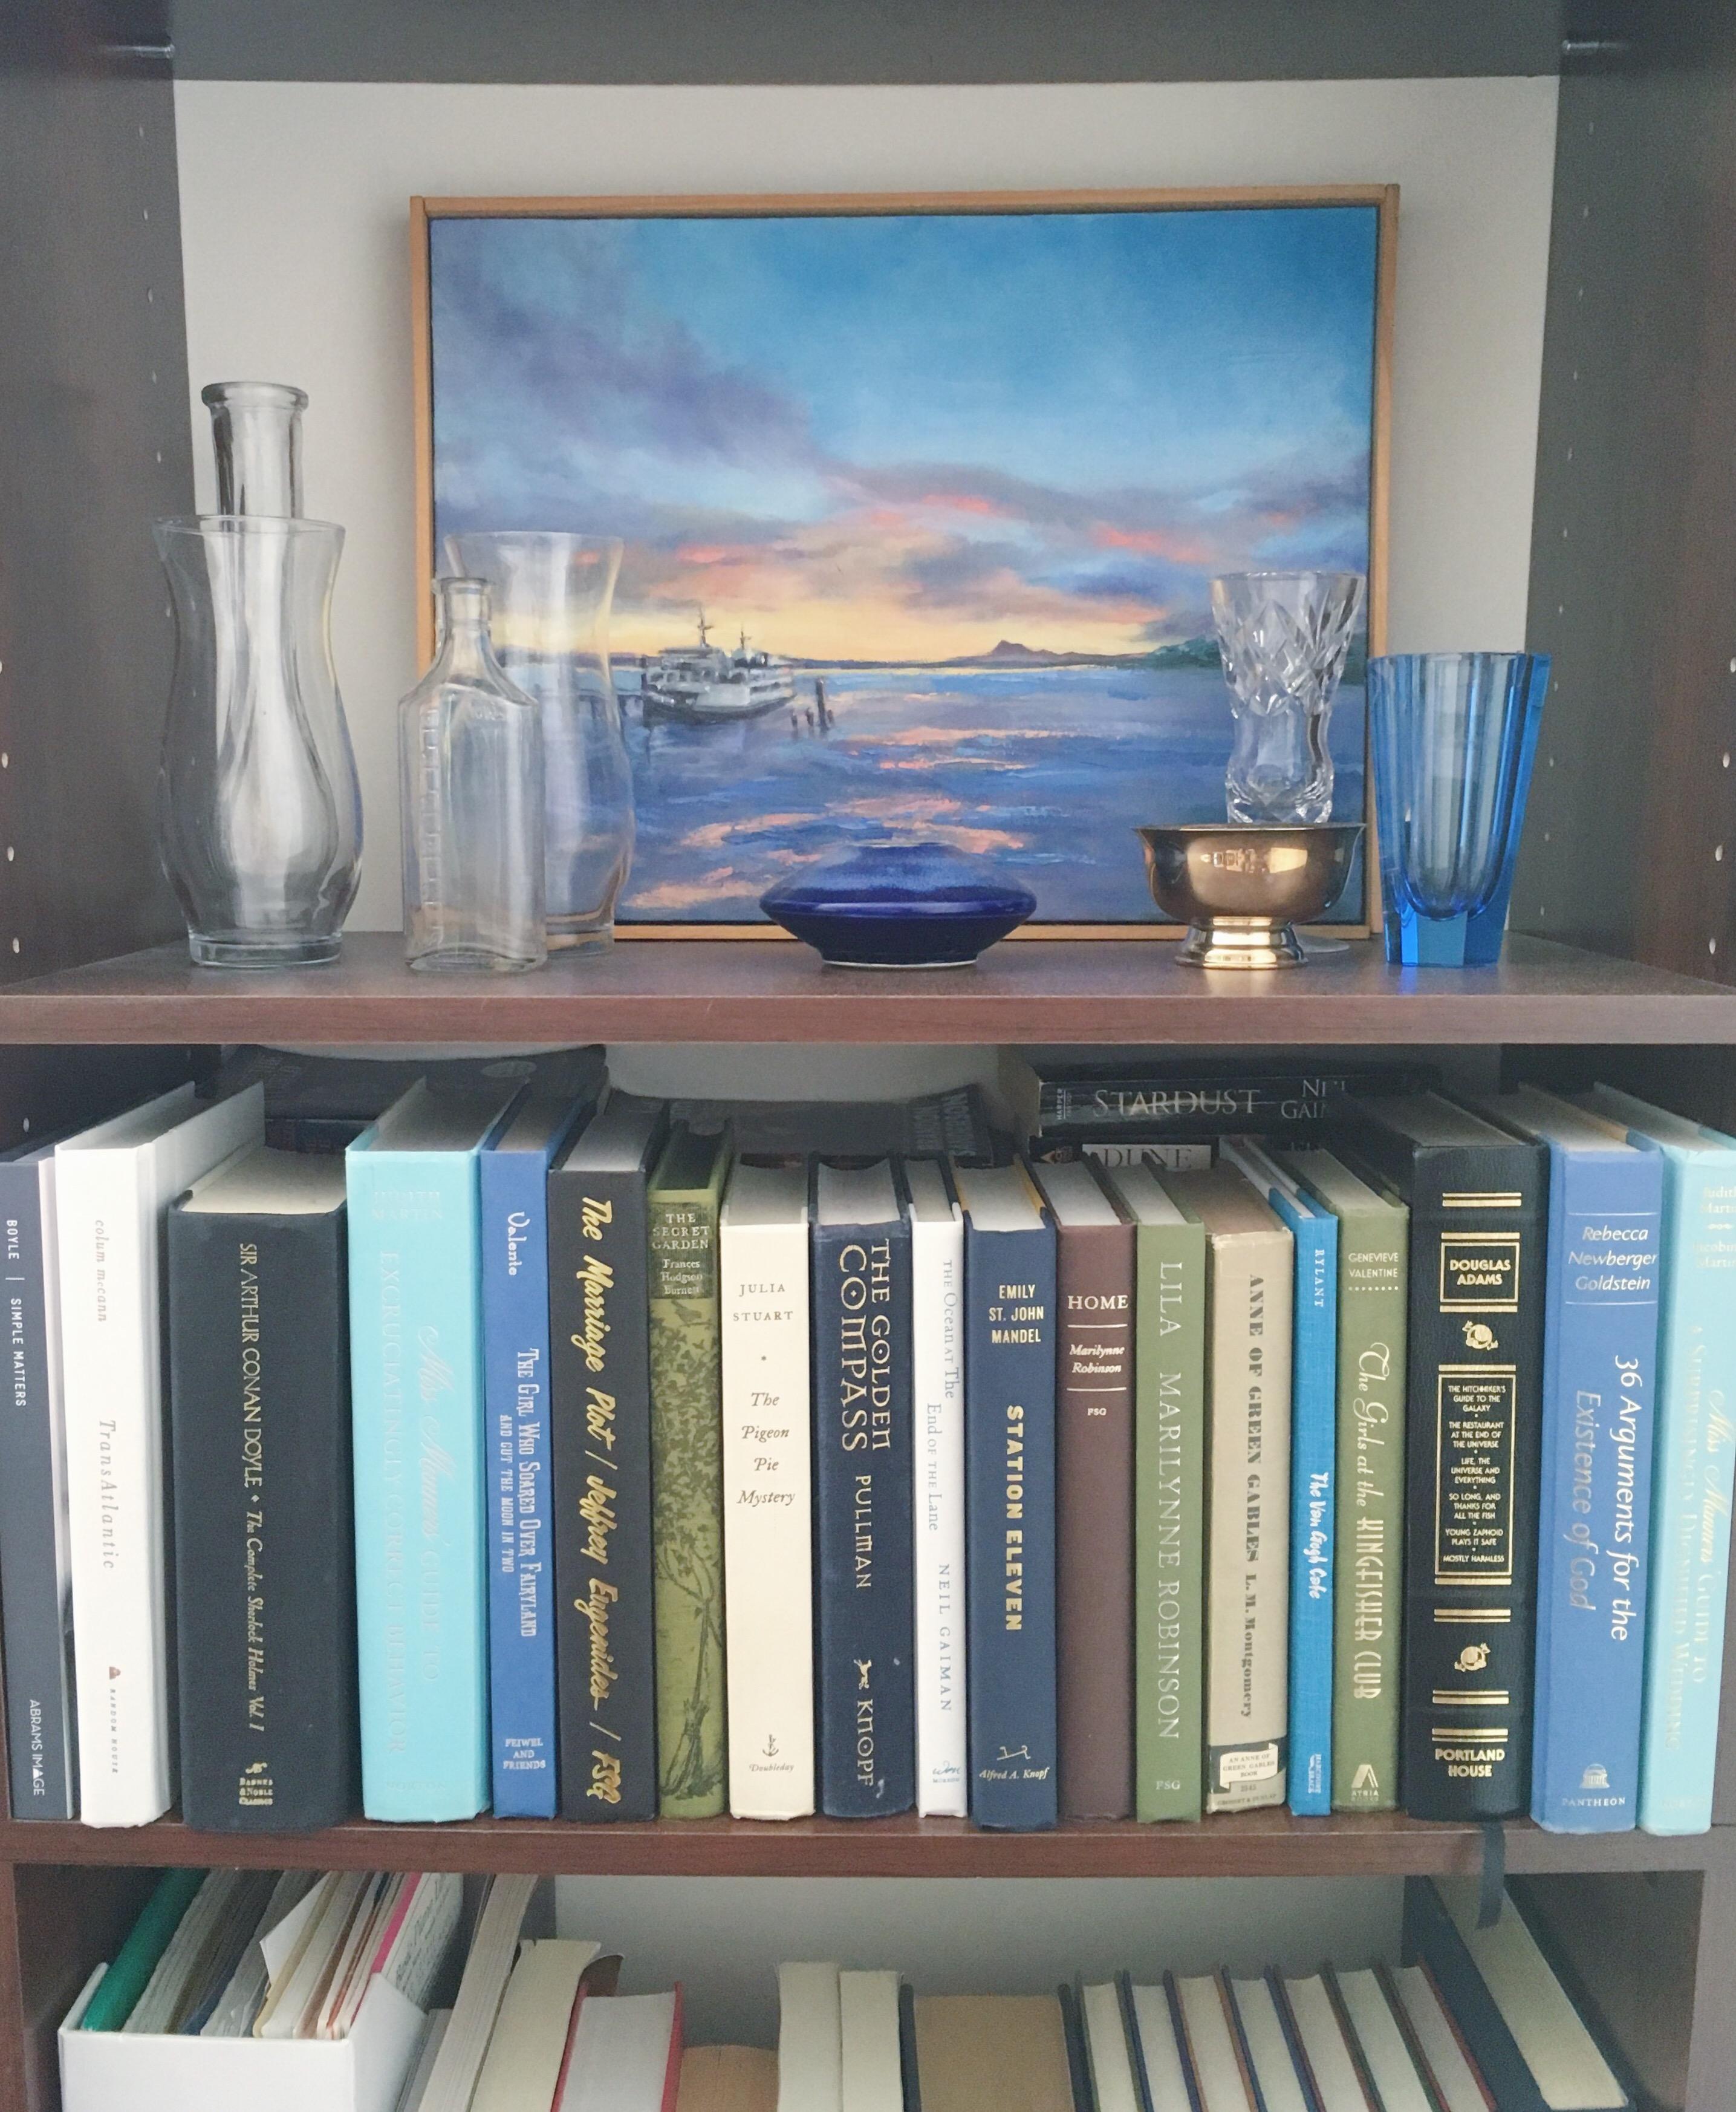 Katharine Schellman - bookshelf display - motivation